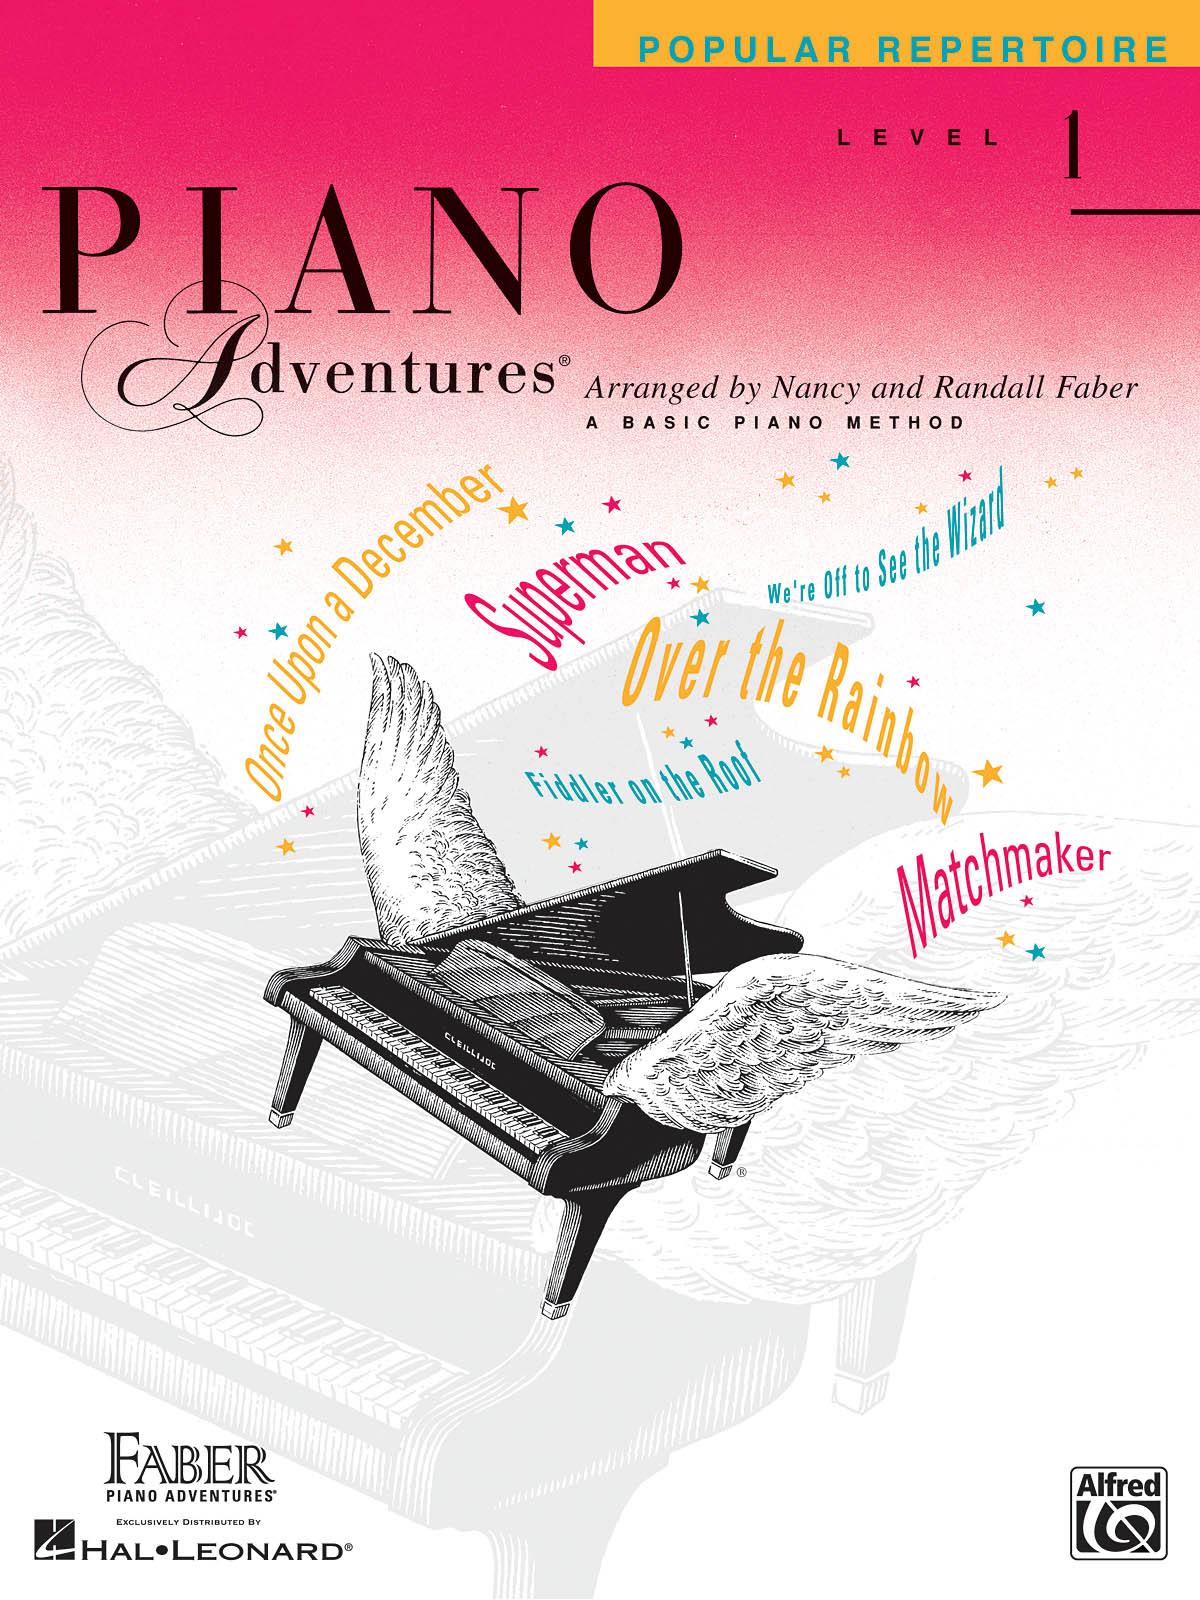 Faber Piano Adventures, Popular Repertoire, Level 1